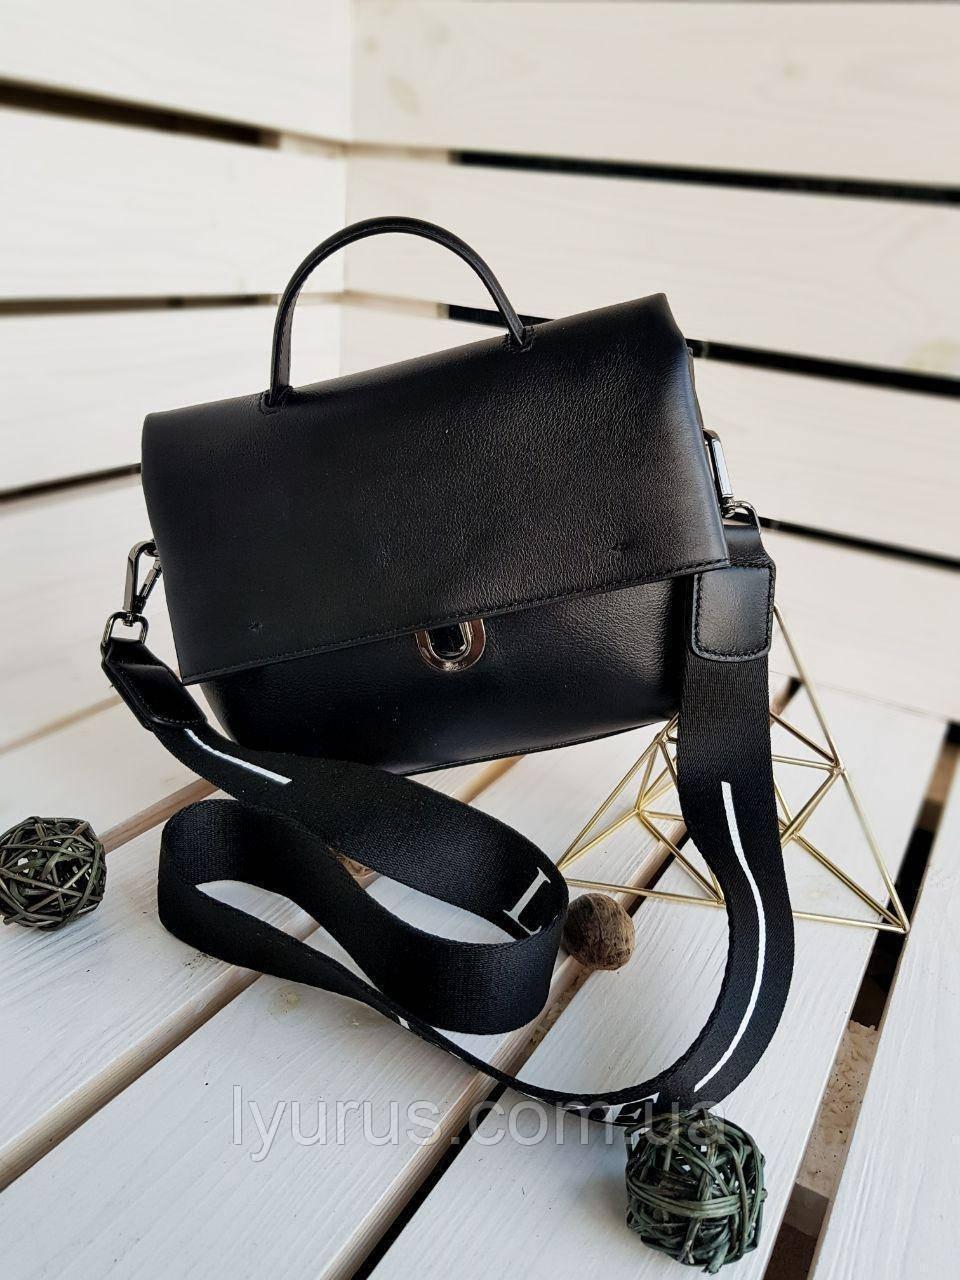 Кожаная женская сумка размером 24х18 см Черная (01124)